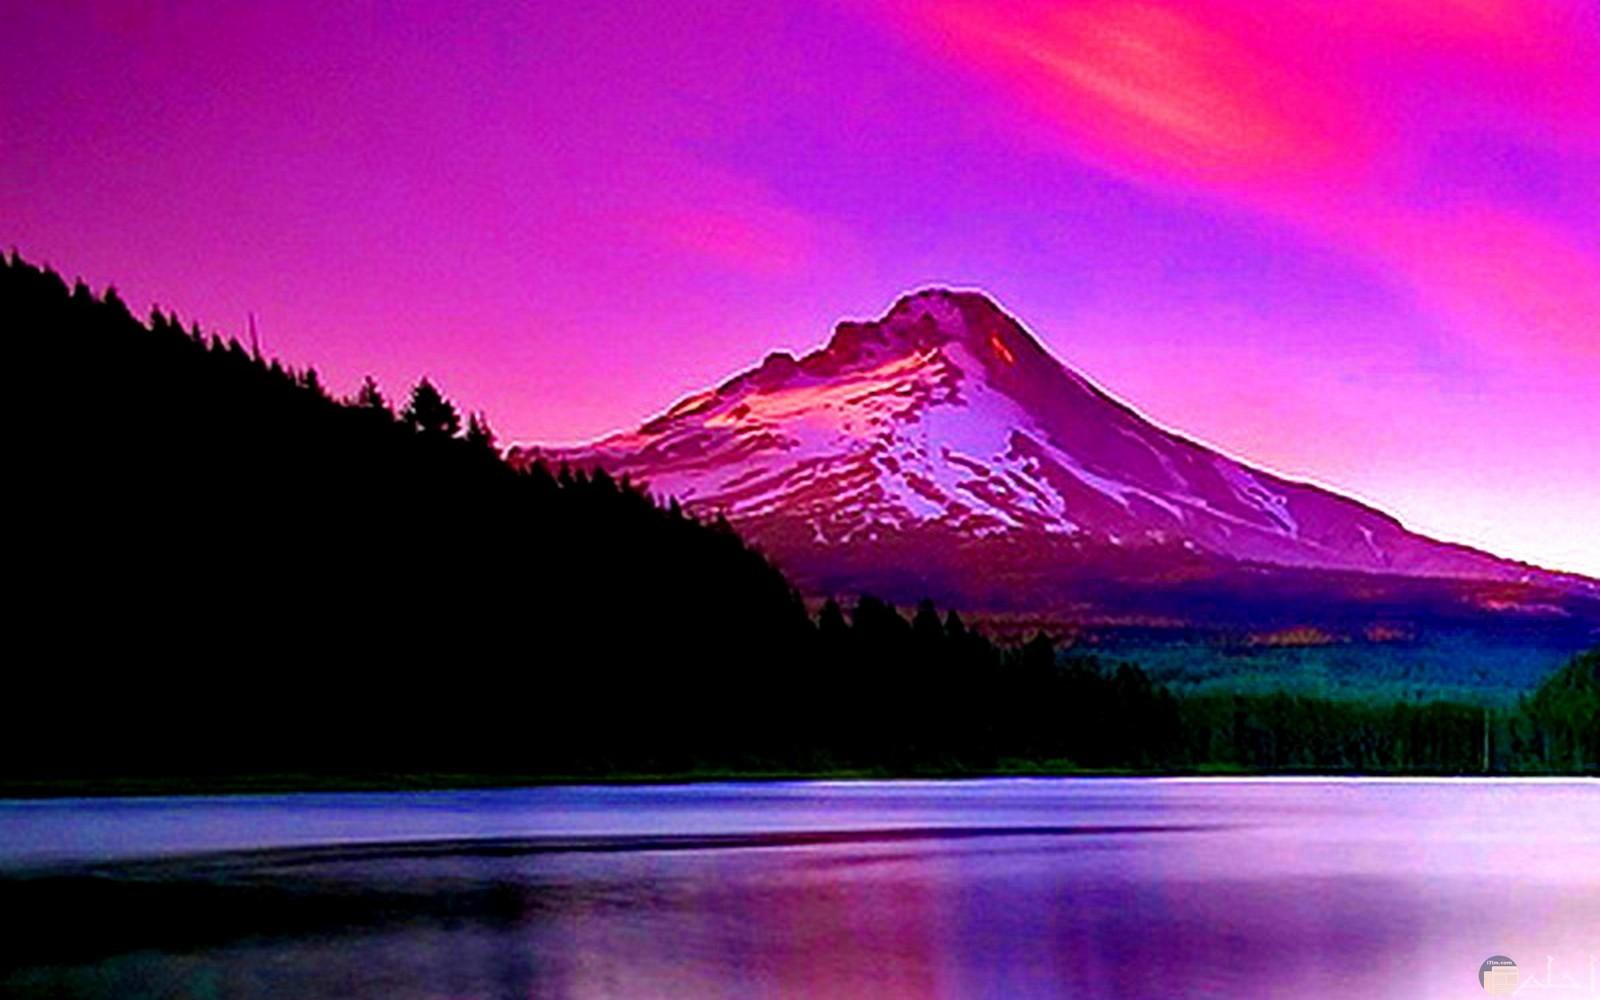 منظر طبيعي باللون البنفسجي للجبال و البحر.